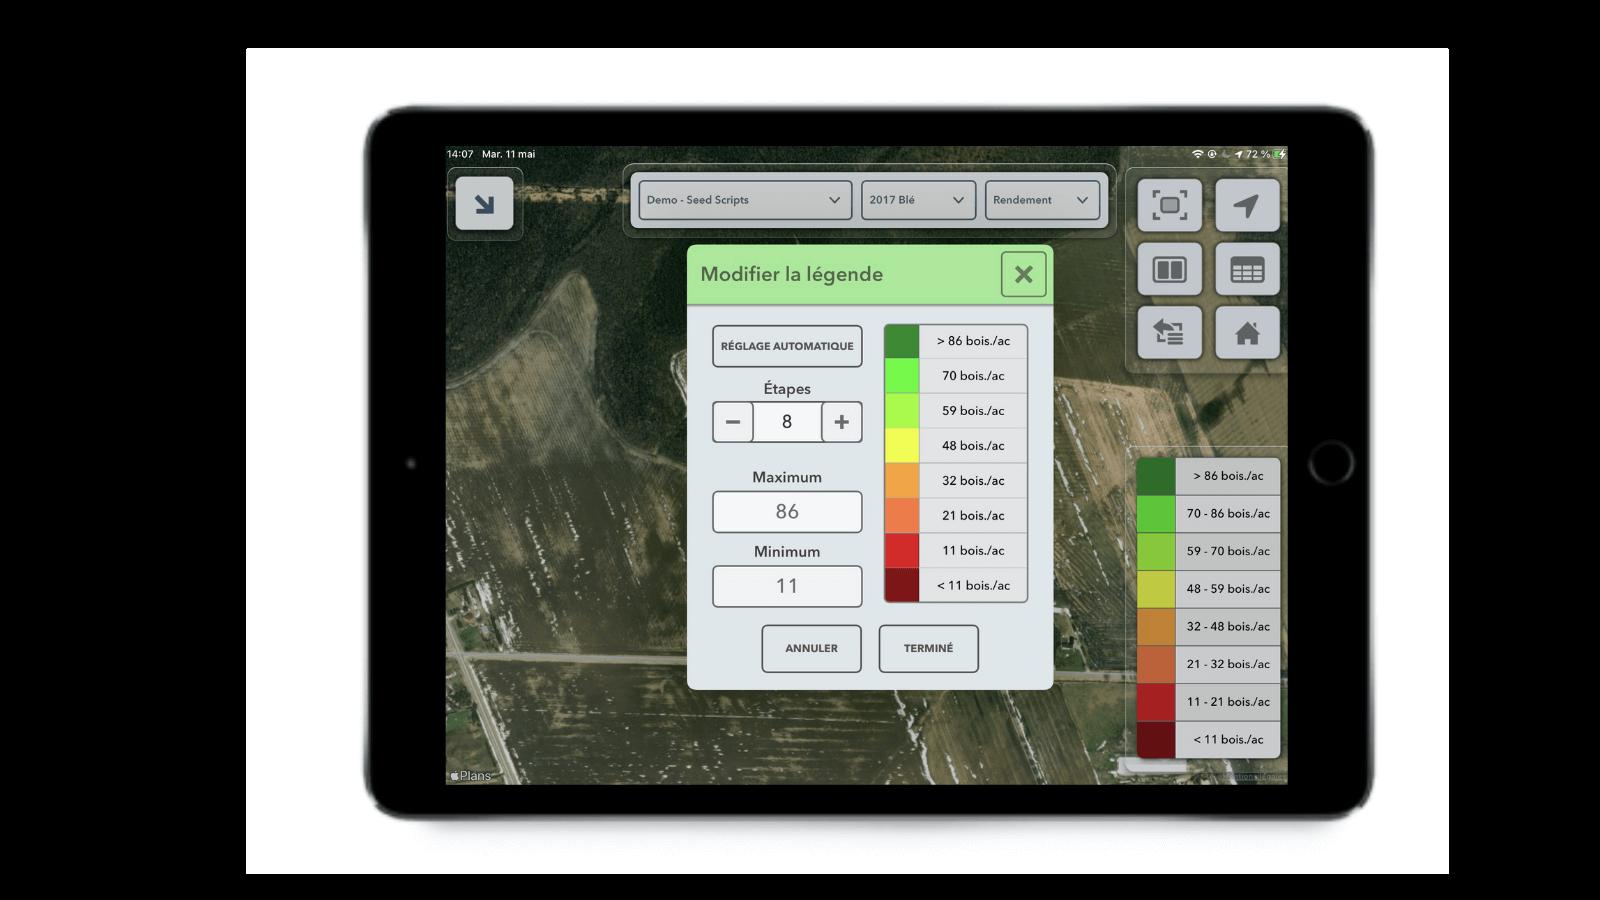 Fenêtre de modification de la légende dans l'application FieldView Cab affichant la fonction de réglage automatique.